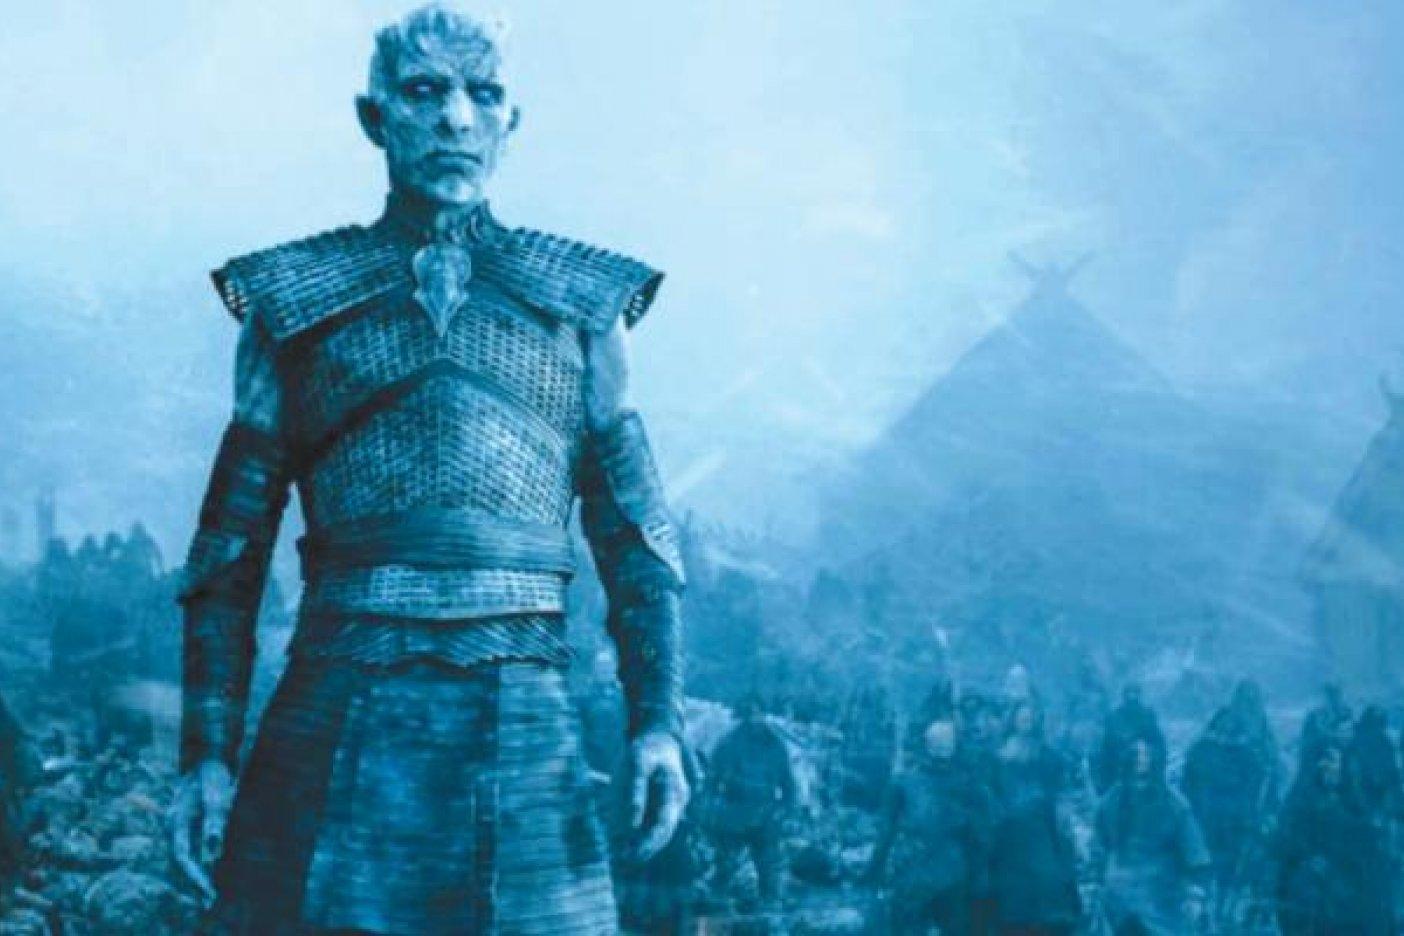 PERÚ: Game of Thrones: Ed Sheeran cree que su personaje está muerto